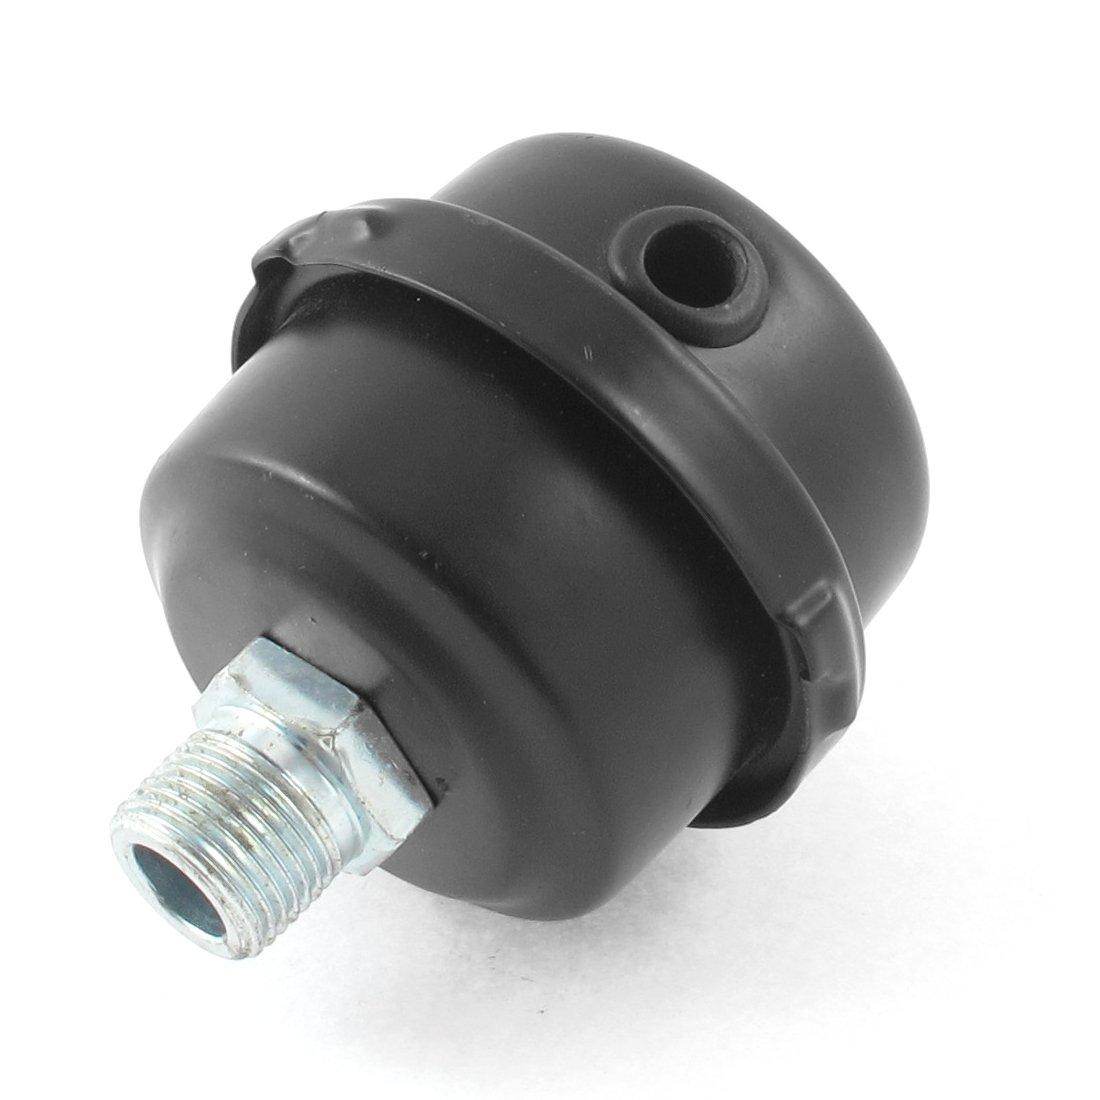 Metal Aire Compresor Admisi/ón Filtro Silenciador Silenciador 3//8BSP 16mm Rosca